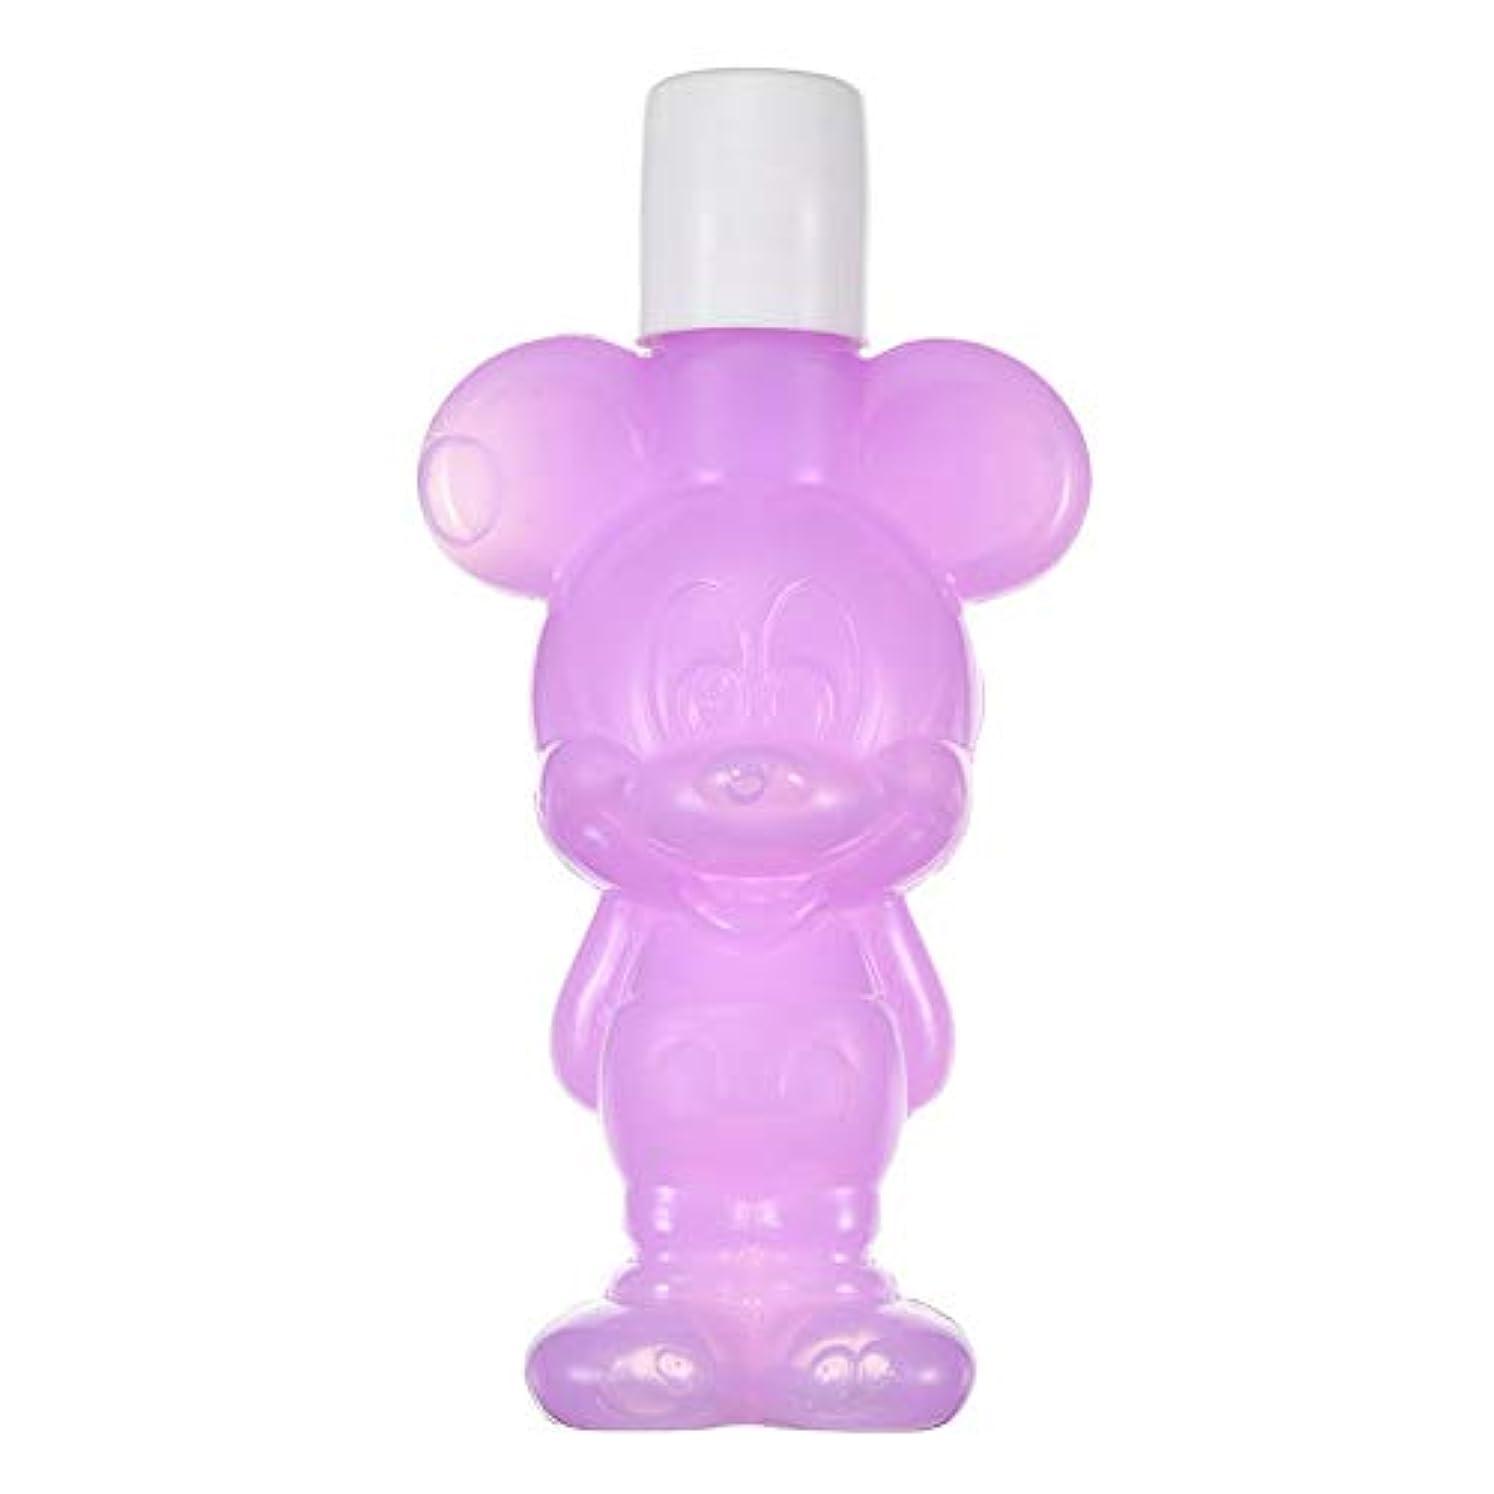 支払いおんどりに話すディズニーストア(公式)保湿ジェル ミッキー パープル Gummy Candy Cosme